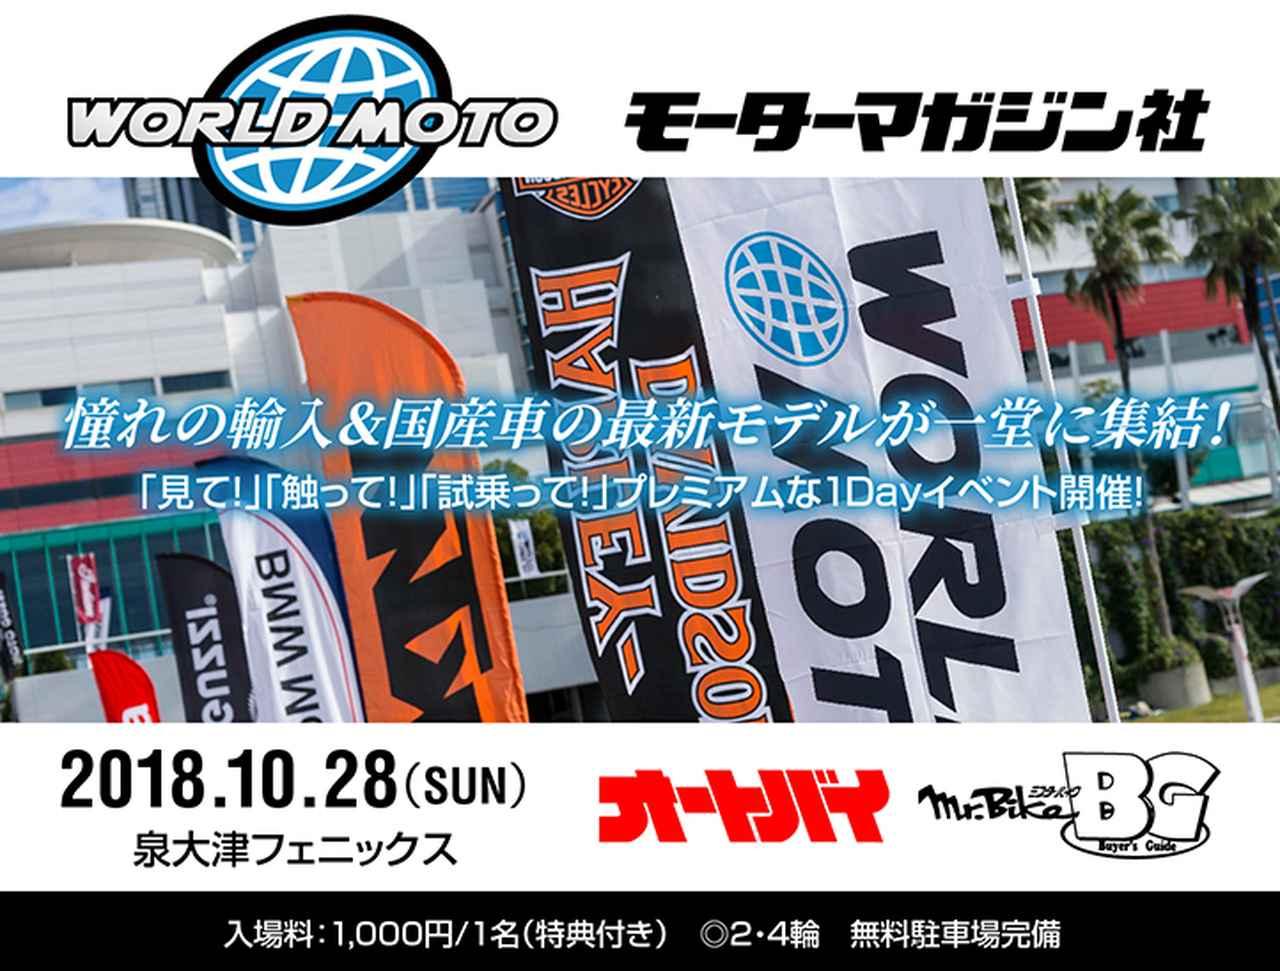 画像: WORLD MOTO・ワールドモト 世界で注目されるモーターサイクル情報発信サイト 一斉試乗会 